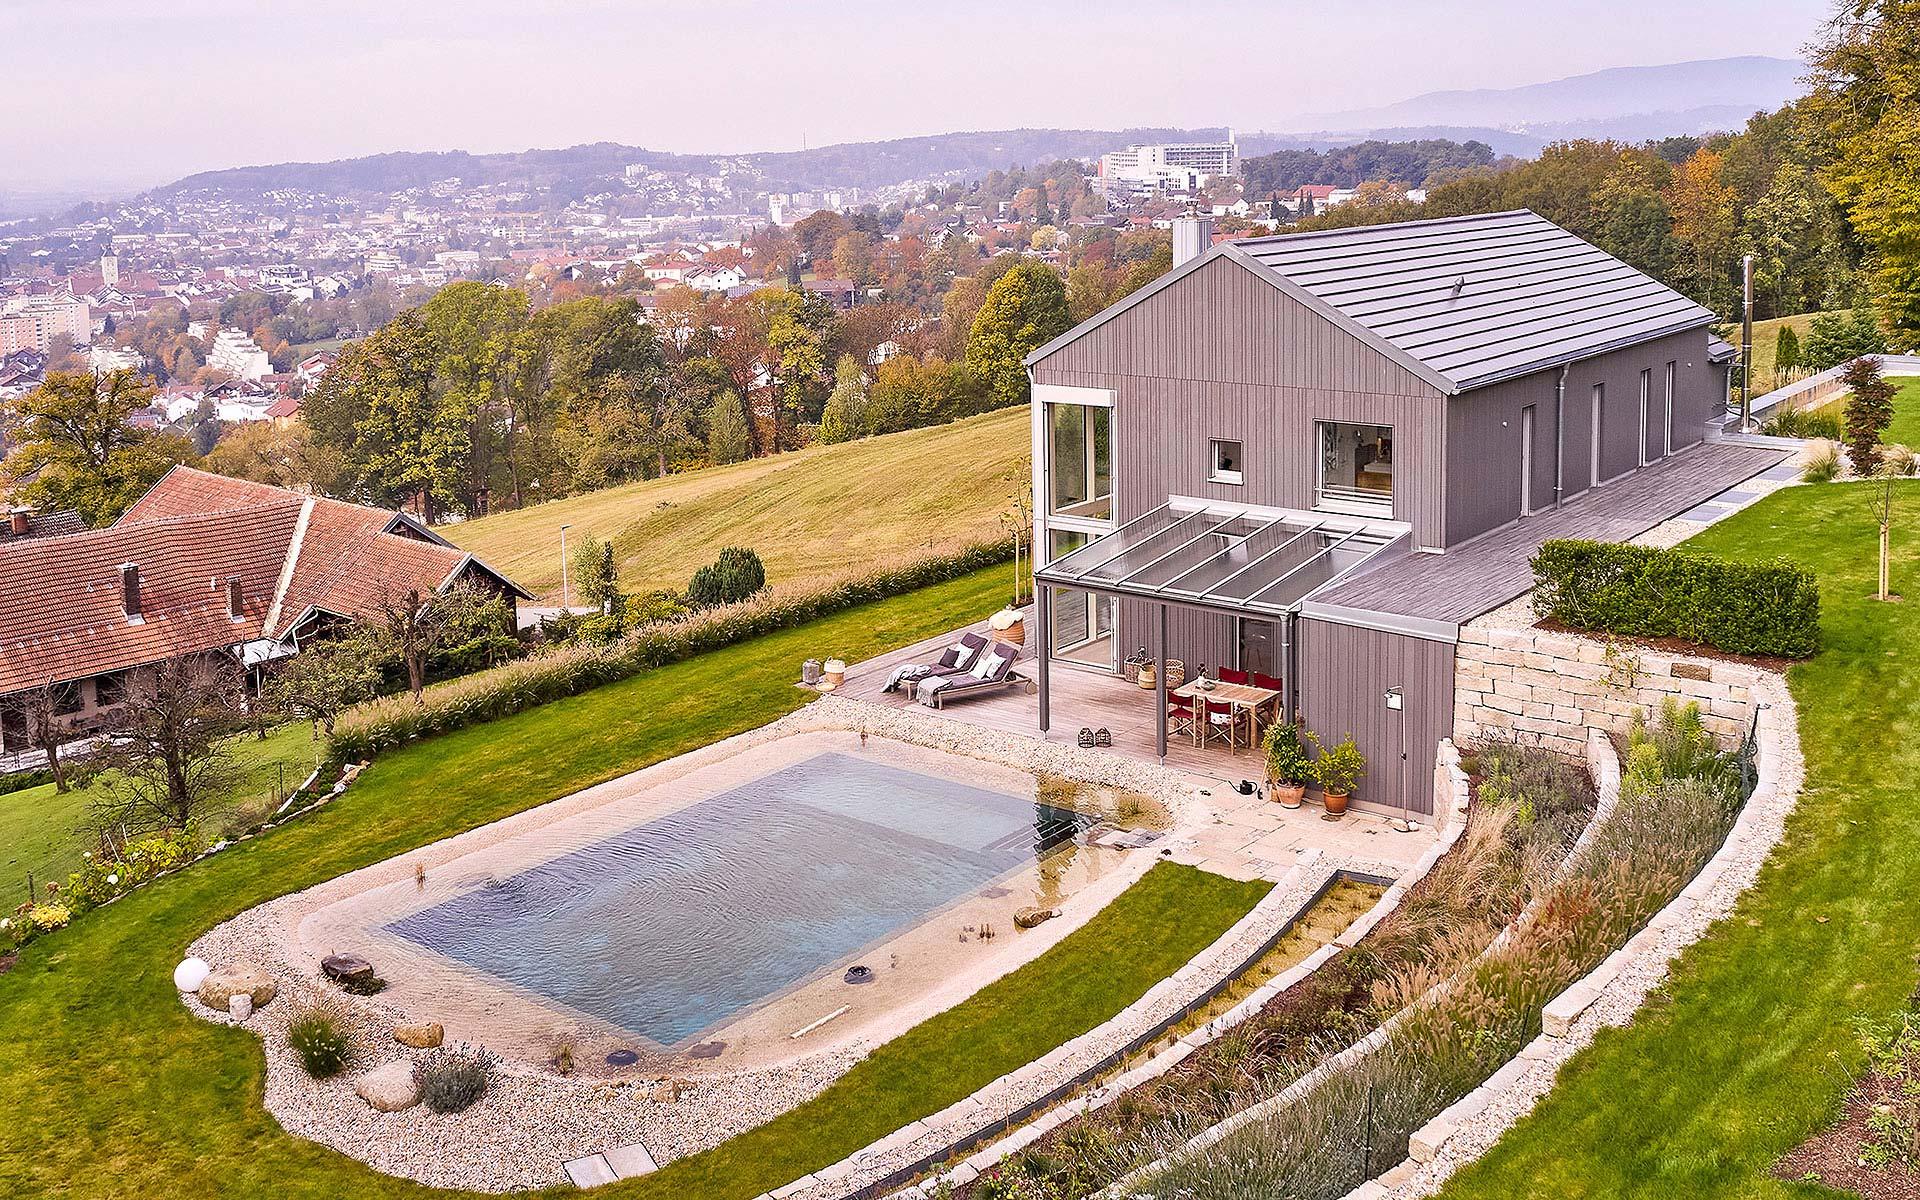 Haus am Wald von Bau-Fritz GmbH & Co. KG, seit 1896